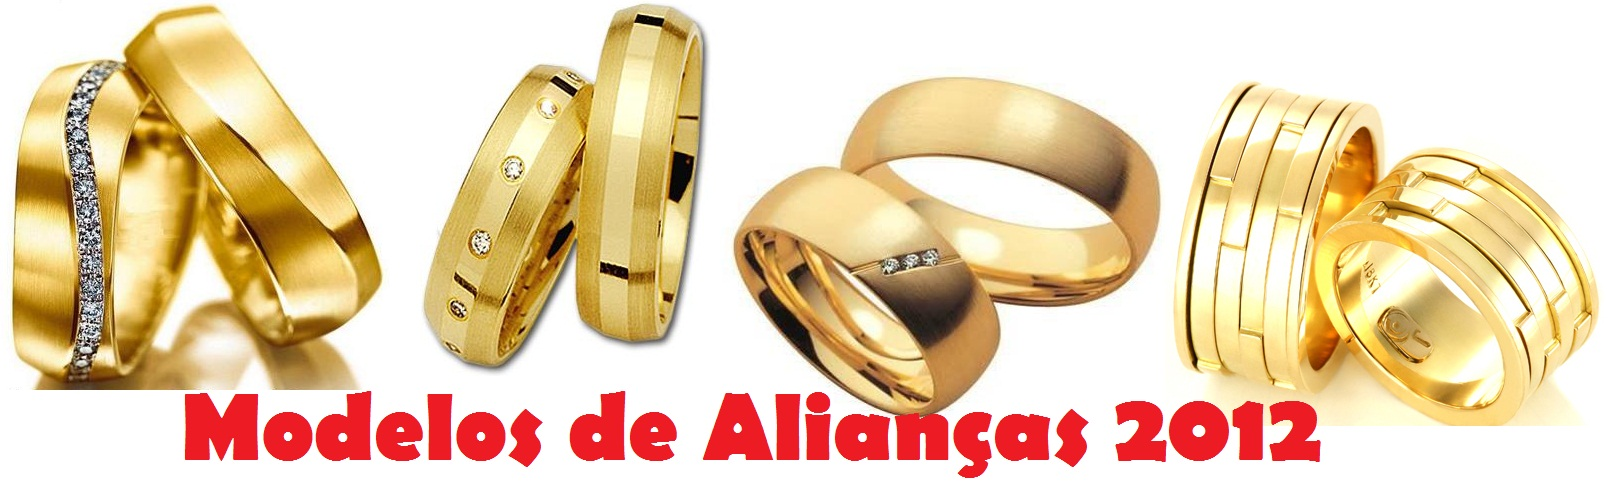 Alianças de Casamento 2012- Novos Modelos, Onde Comprar